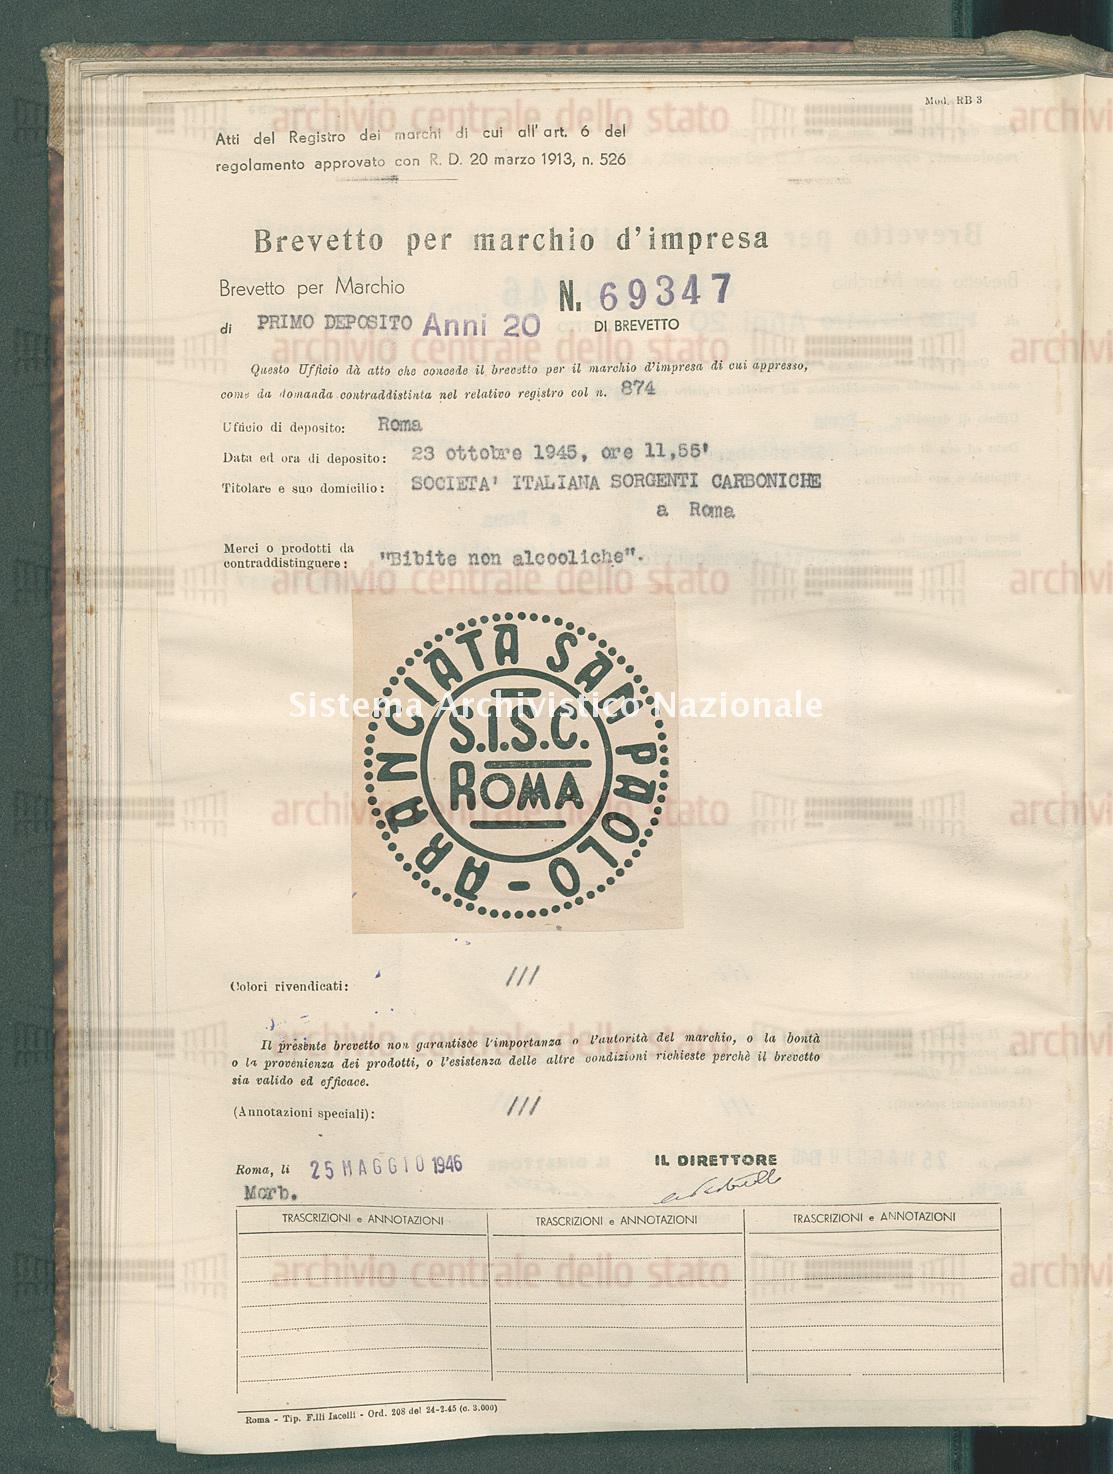 'Bibite non alcooliche' Societa' Italiana Sorgenti Carboniche (25/05/1946)